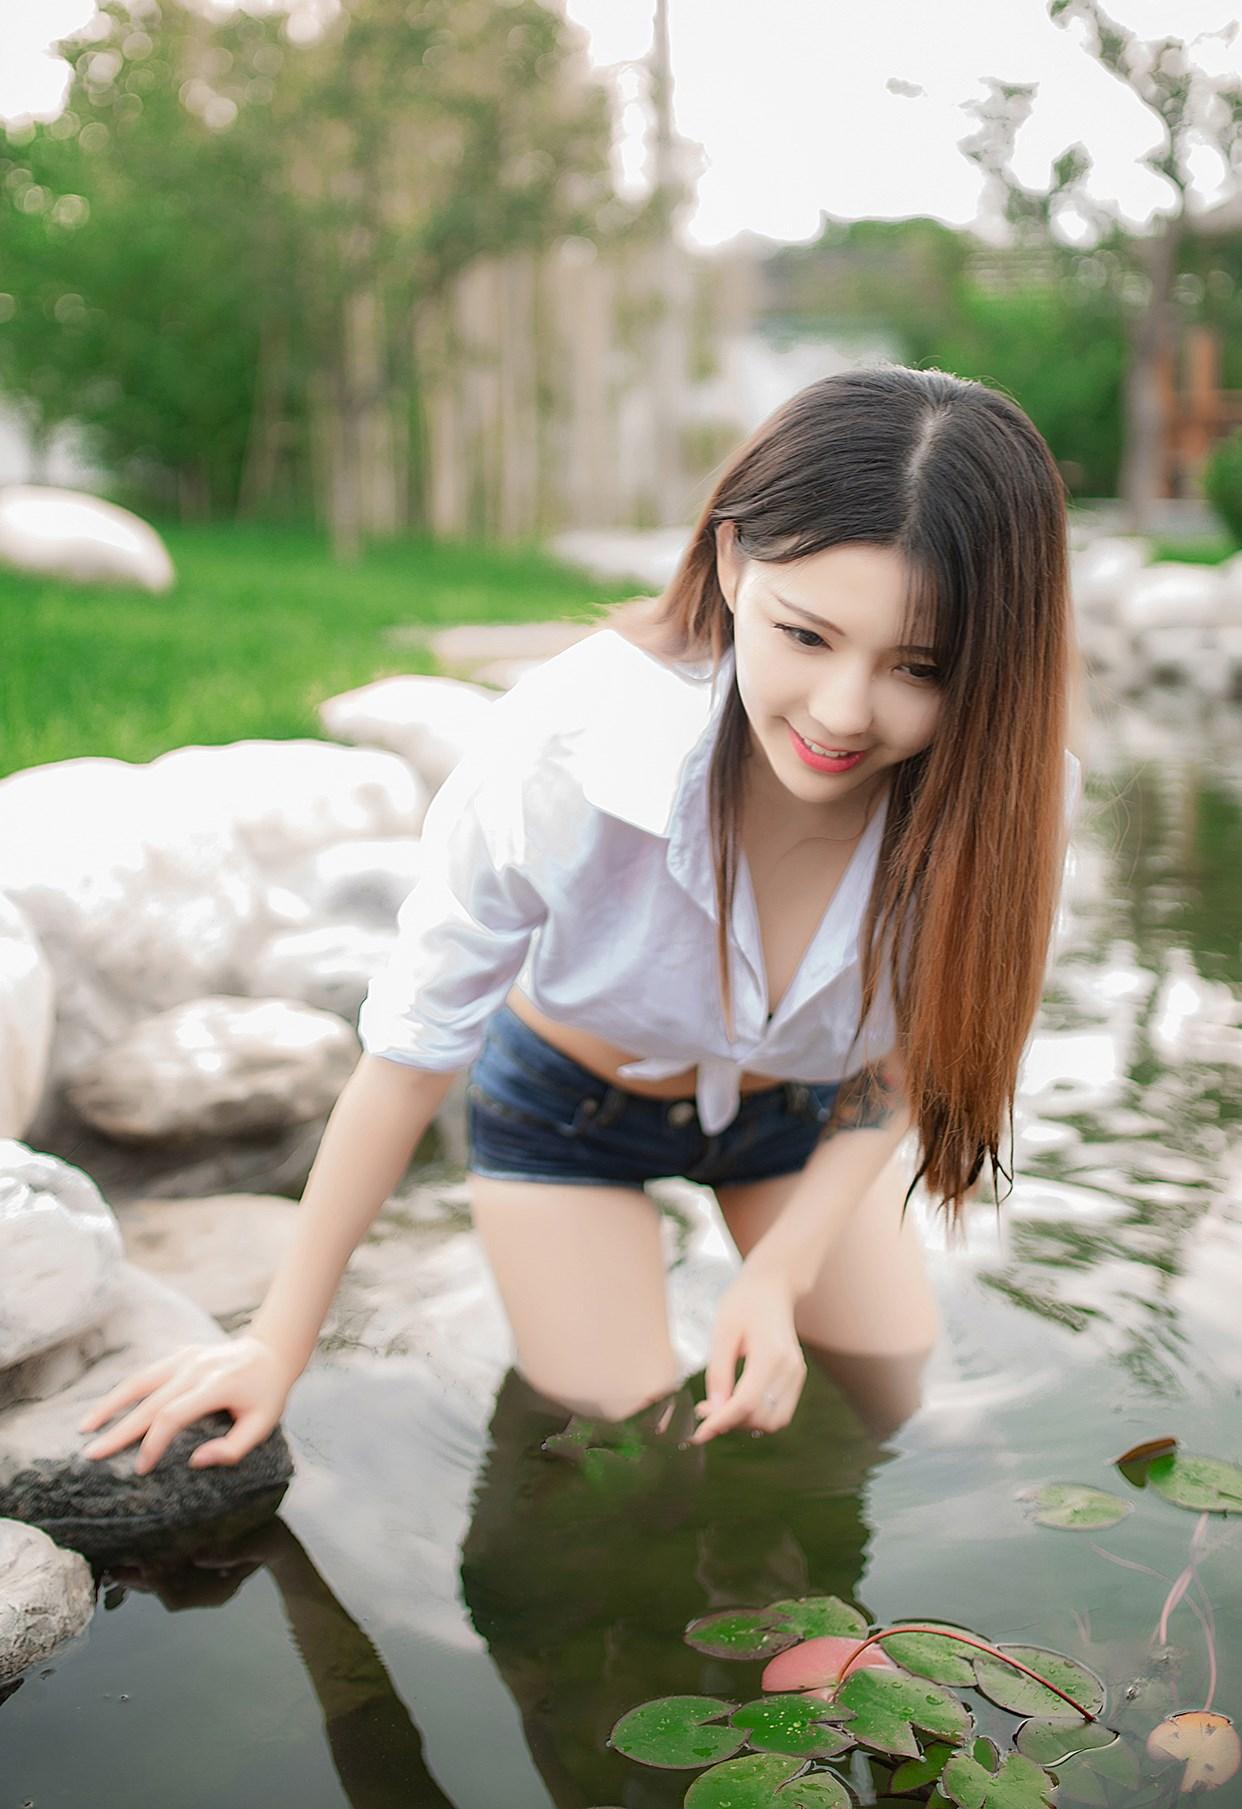 【兔玩映画】湿身的小姐姐 兔玩映画 第3张